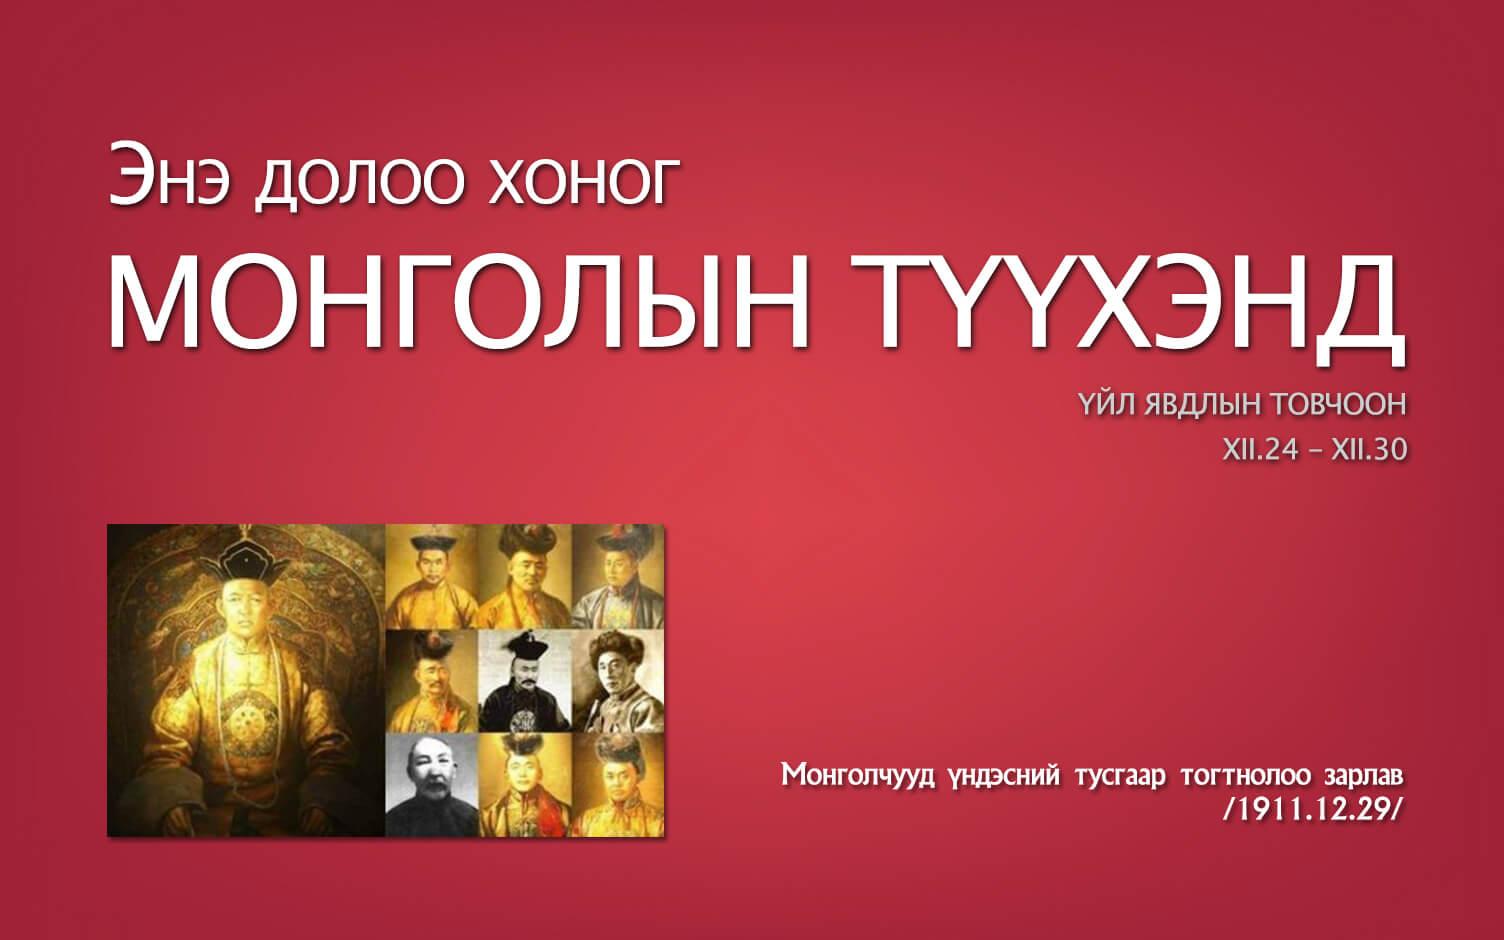 Монголчууд үндэсний тусгаар тогтнолоо зарлав /1911.12.29/